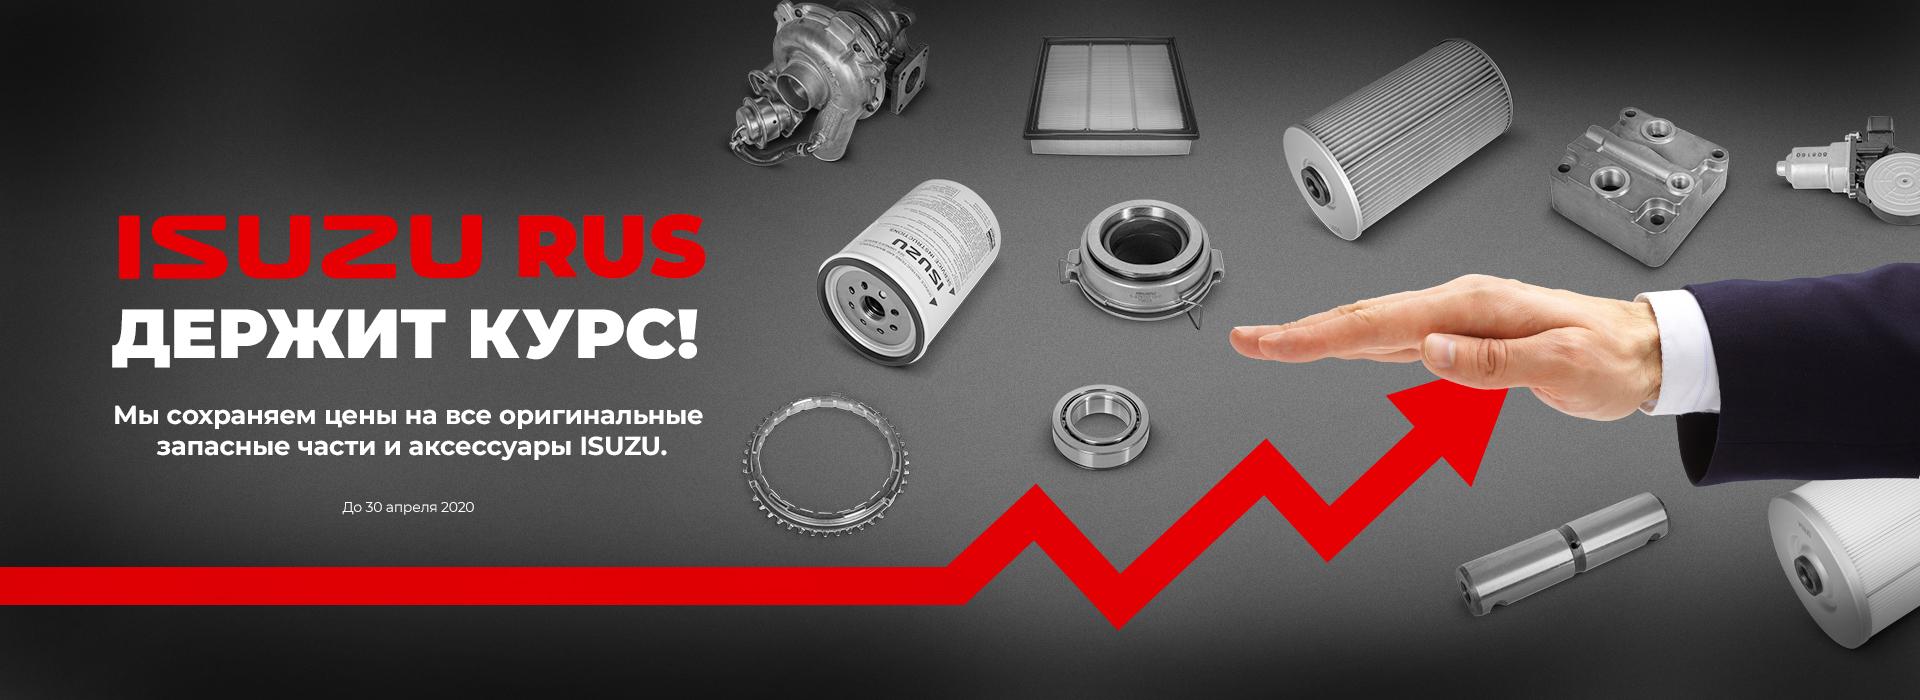 ISUZU RUS держит курс на все оригинальные запасные части и аксессуары